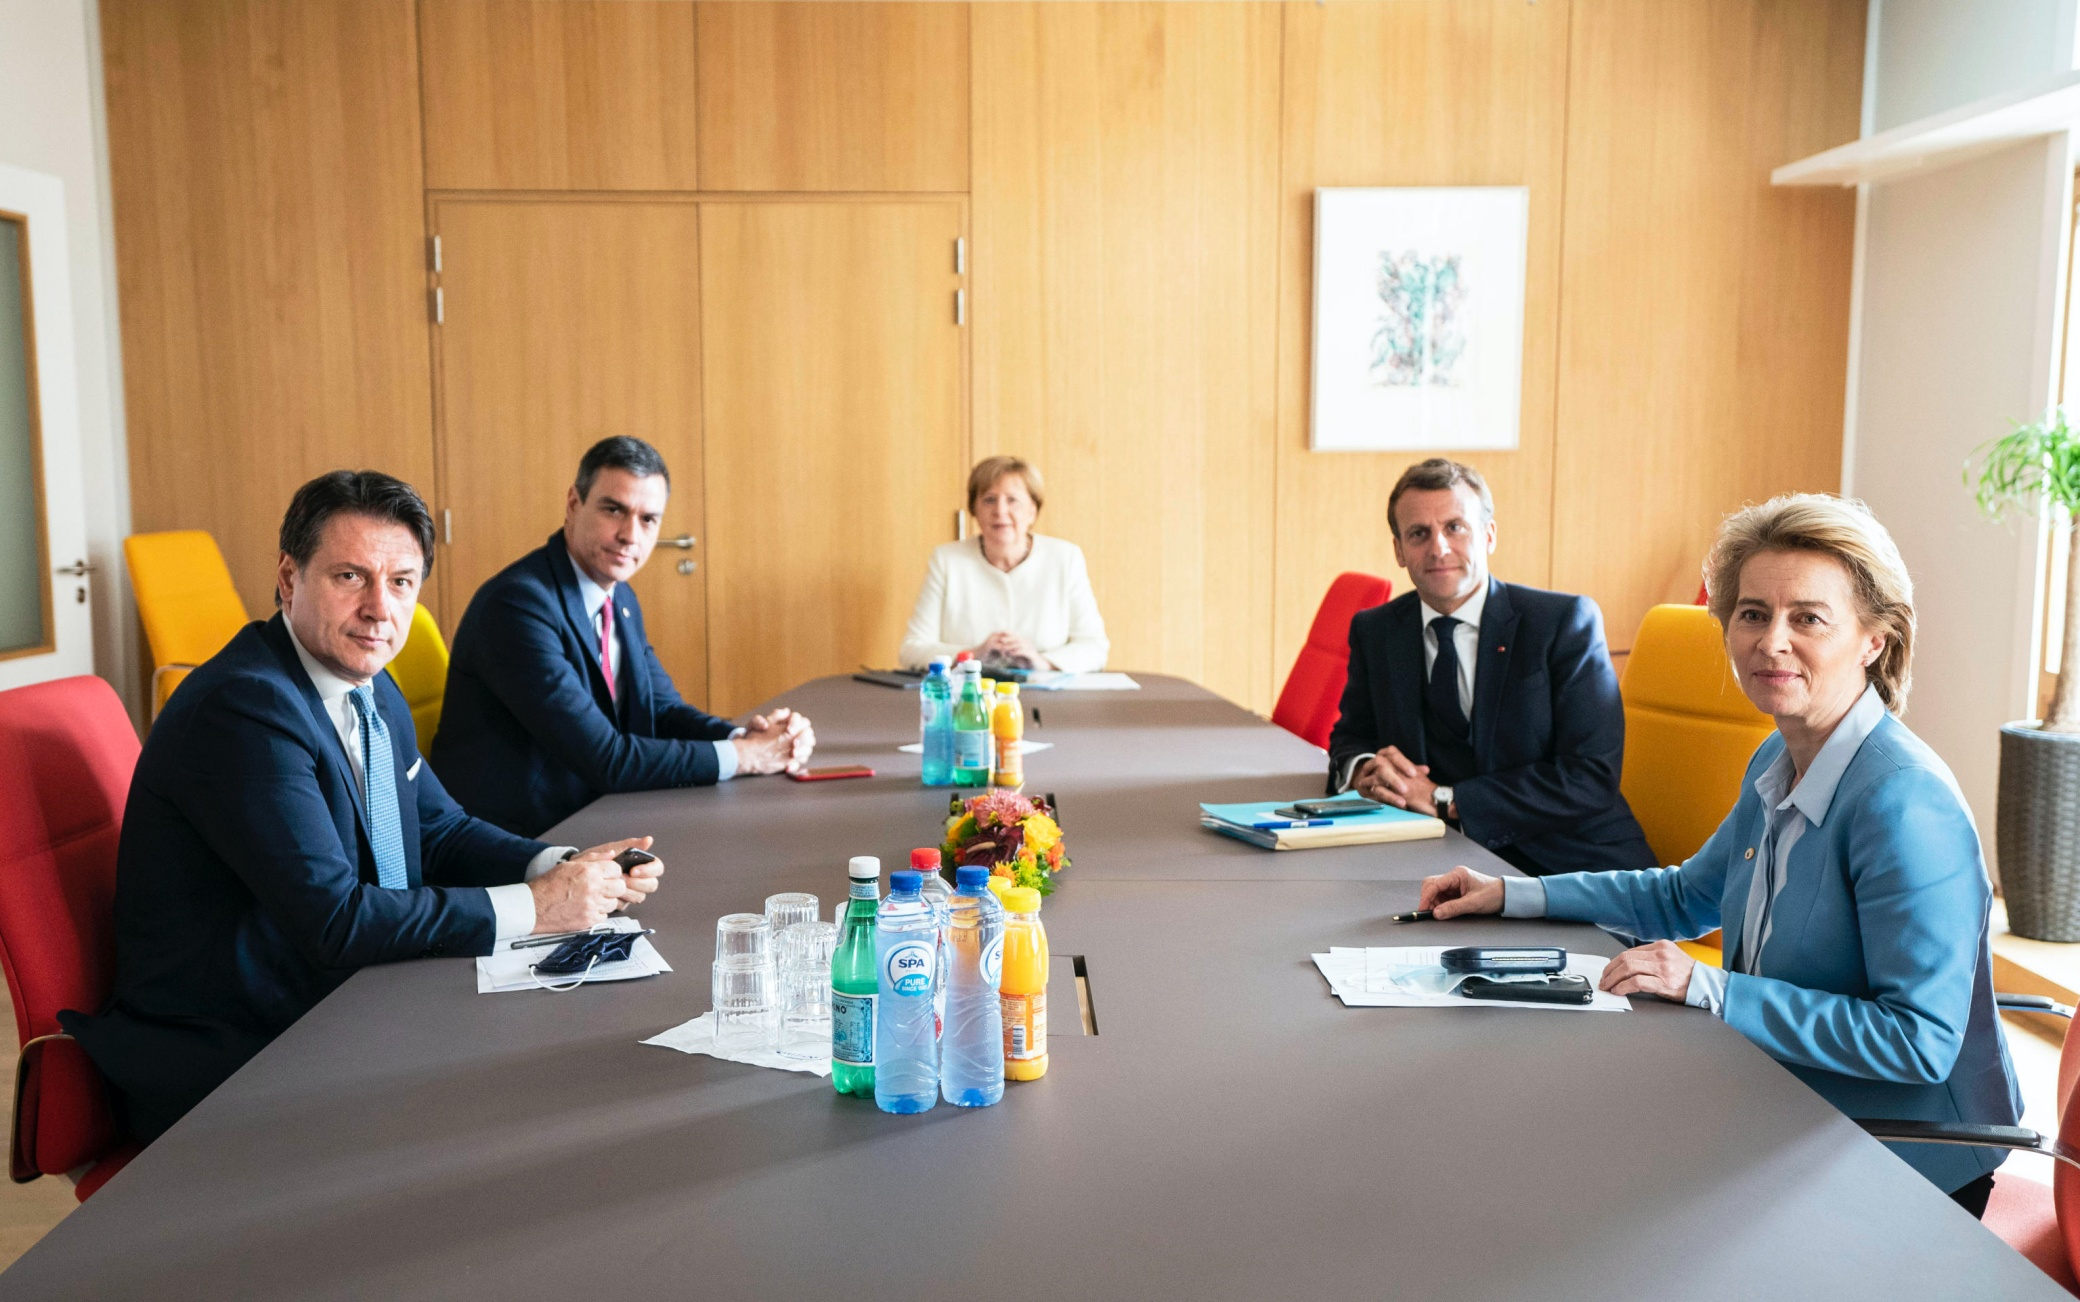 Un momento dell'incontro, negli uffici della delegazione tedesca al Consiglio europeo, tra la cancelliera tedesca Angela Merkel, il premier italiano Giuseppe Conte, il presidente francese Emmanuel Macron, il primo ministro spagnolo Pedro Sanchez, e la presidente della Commissione europea Ursula Von Der Leyen, Bruxelles, 19 luglio 2020. ANSA/ PALAZZO CHIGI/ FILIPPO ATTILI +++ ANSA PROVIDES ACCESS TO THIS HANDOUT PHOTO TO BE USED SOLELY TO ILLUSTRATE NEWS REPORTING OR COMMENTARY ON THE FACTS OR EVENTS DEPICTED IN THIS IMAGE; NO ARCHIVING; NO LICENSING +++